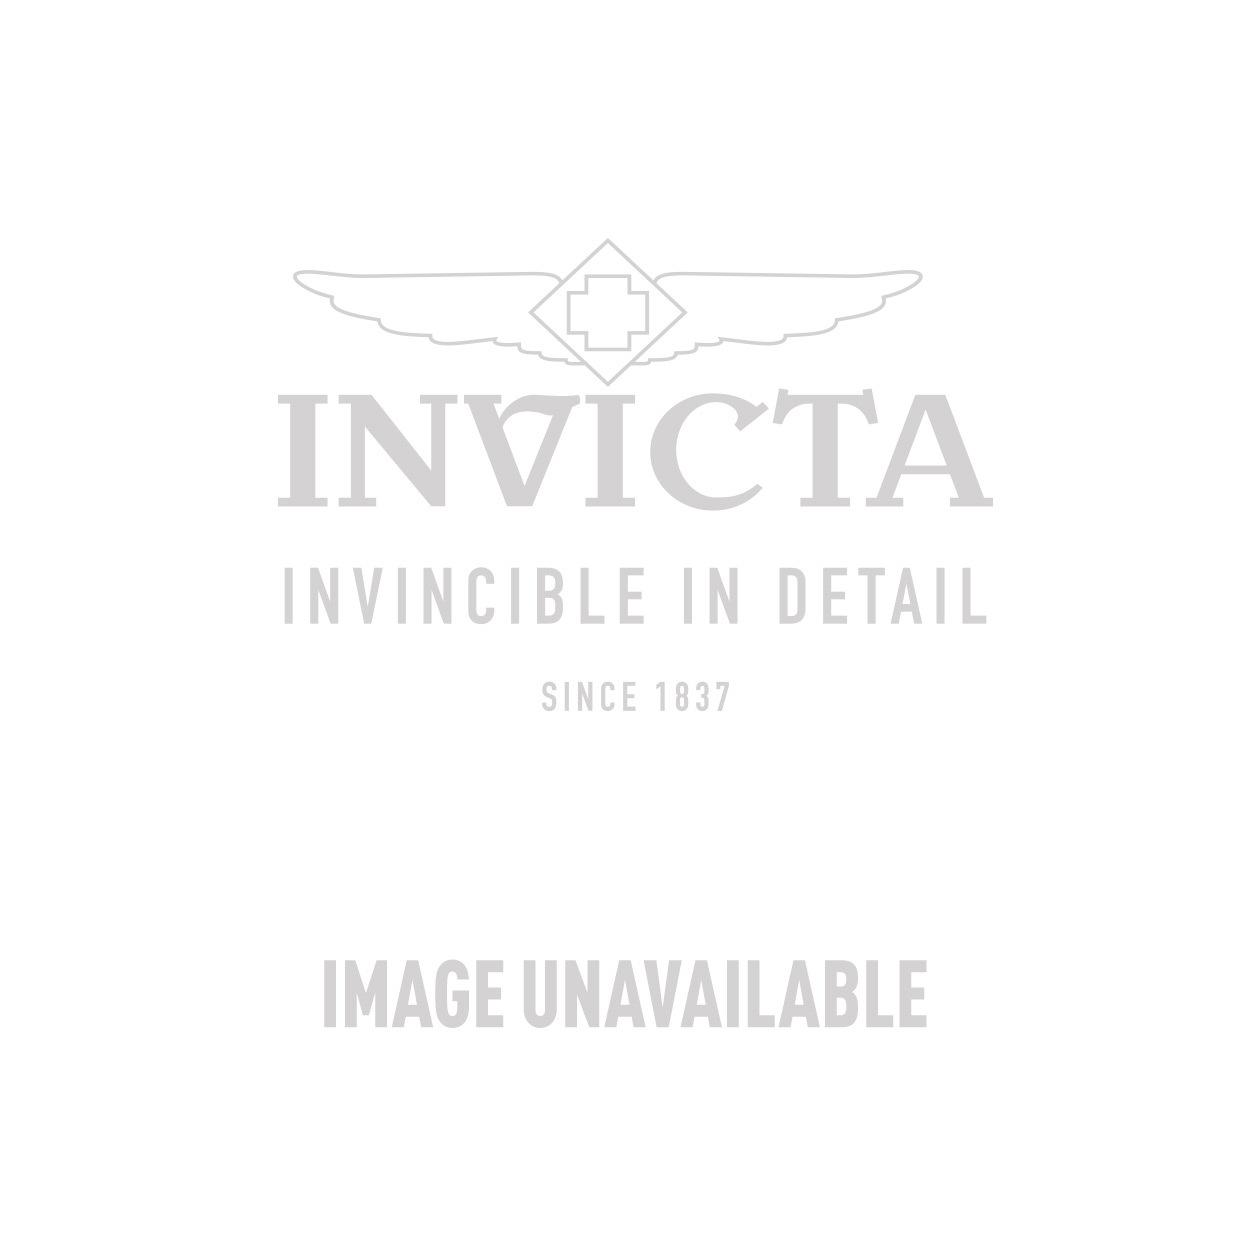 Invicta Model  SC0396